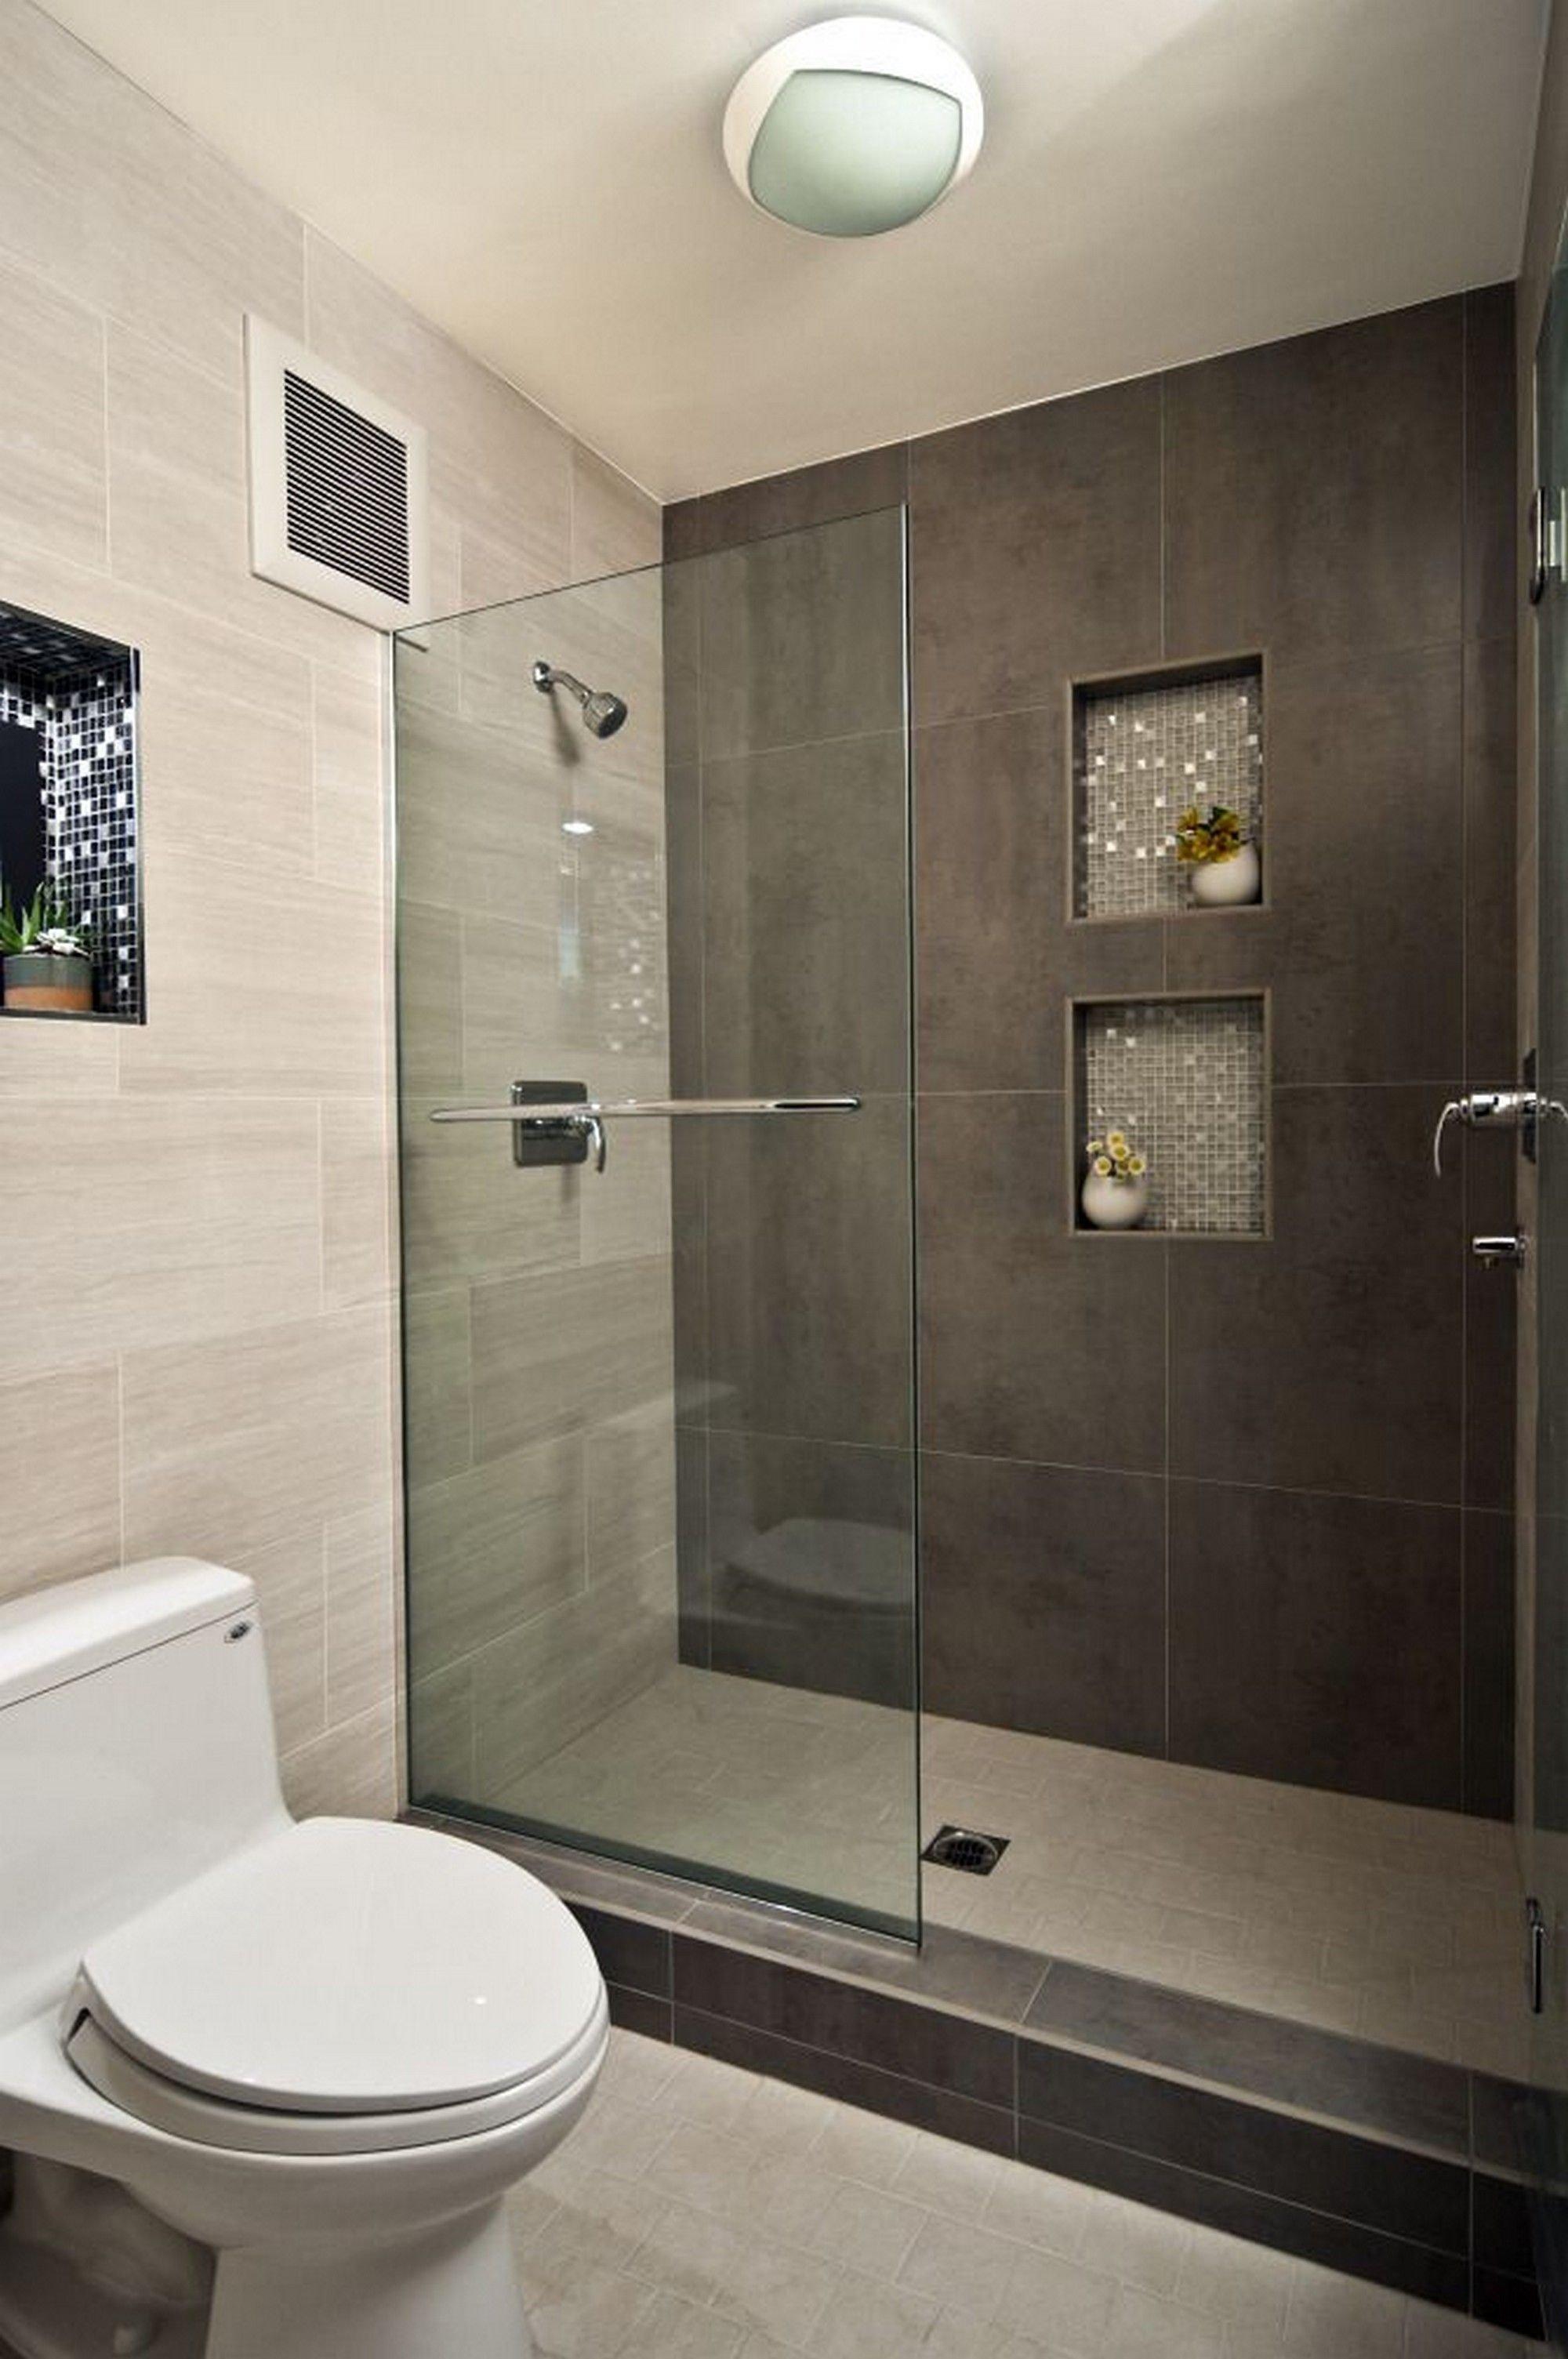 10 Pretty Bathroom Ideas For Small Bathroom modern bathroom design ideas with walk in shower small bathroom 2